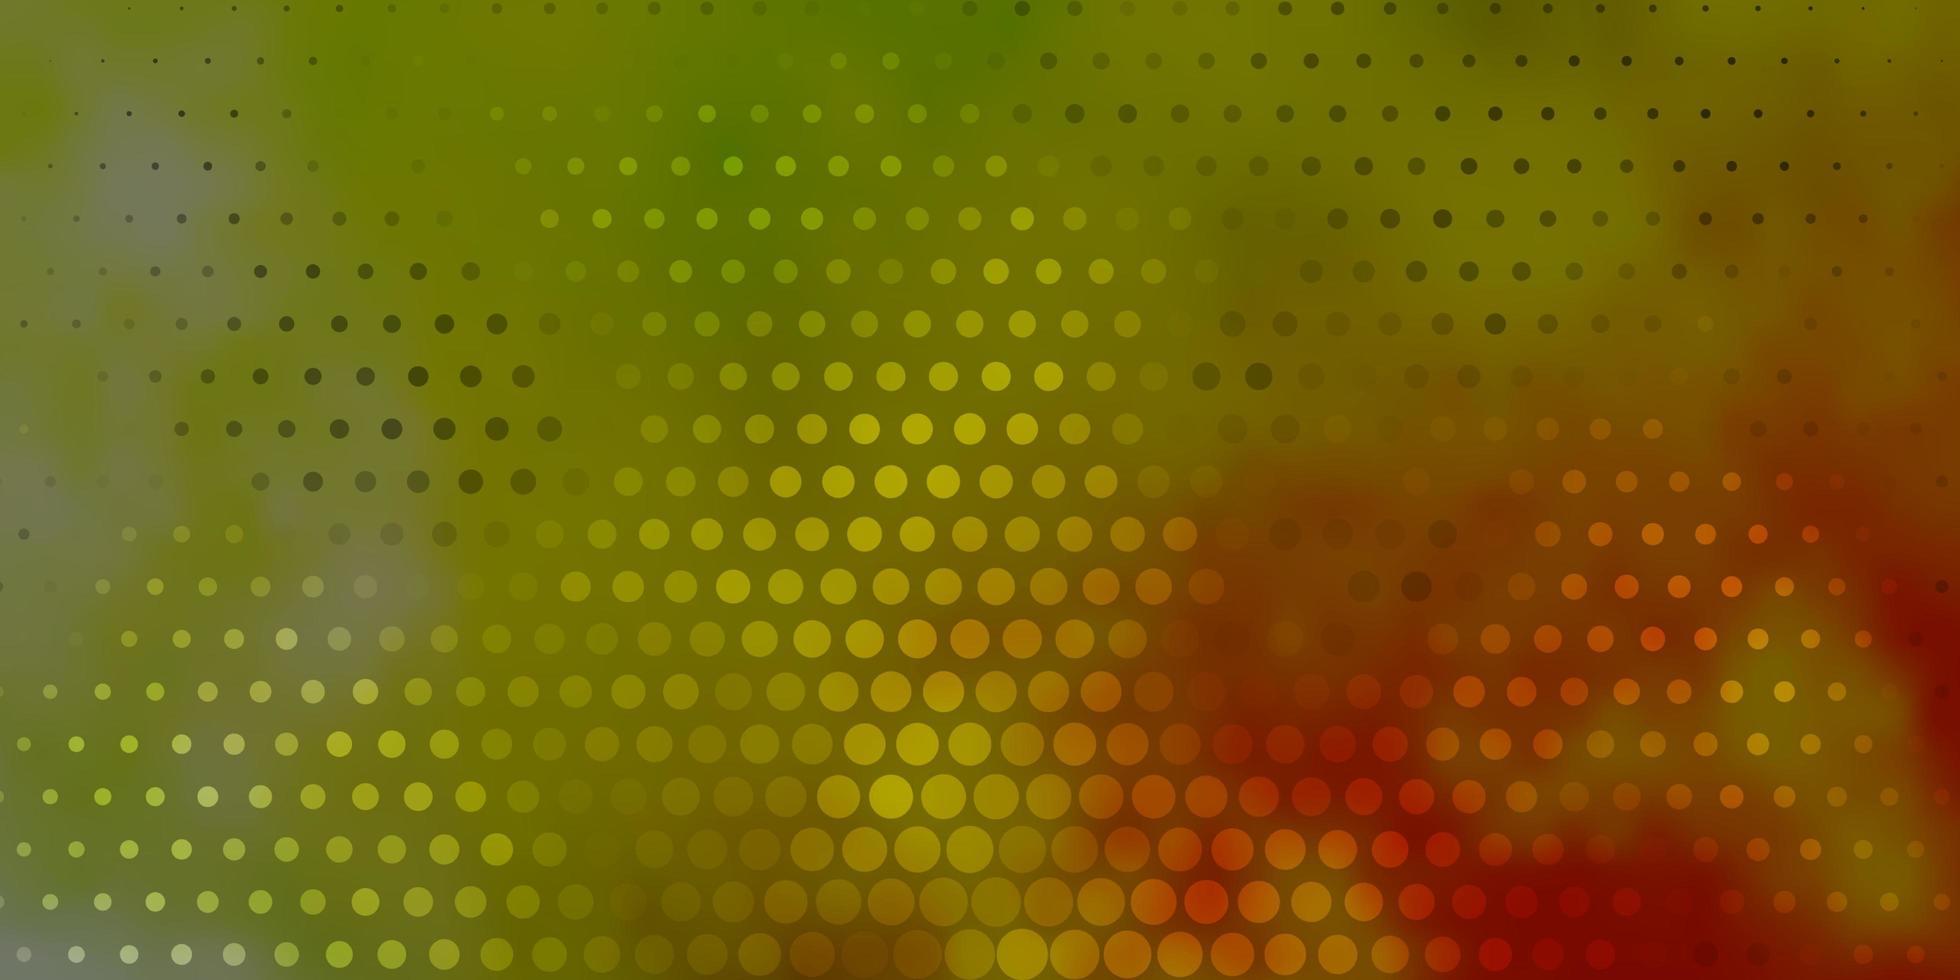 lichtgroene achtergrond met vlekken. vector